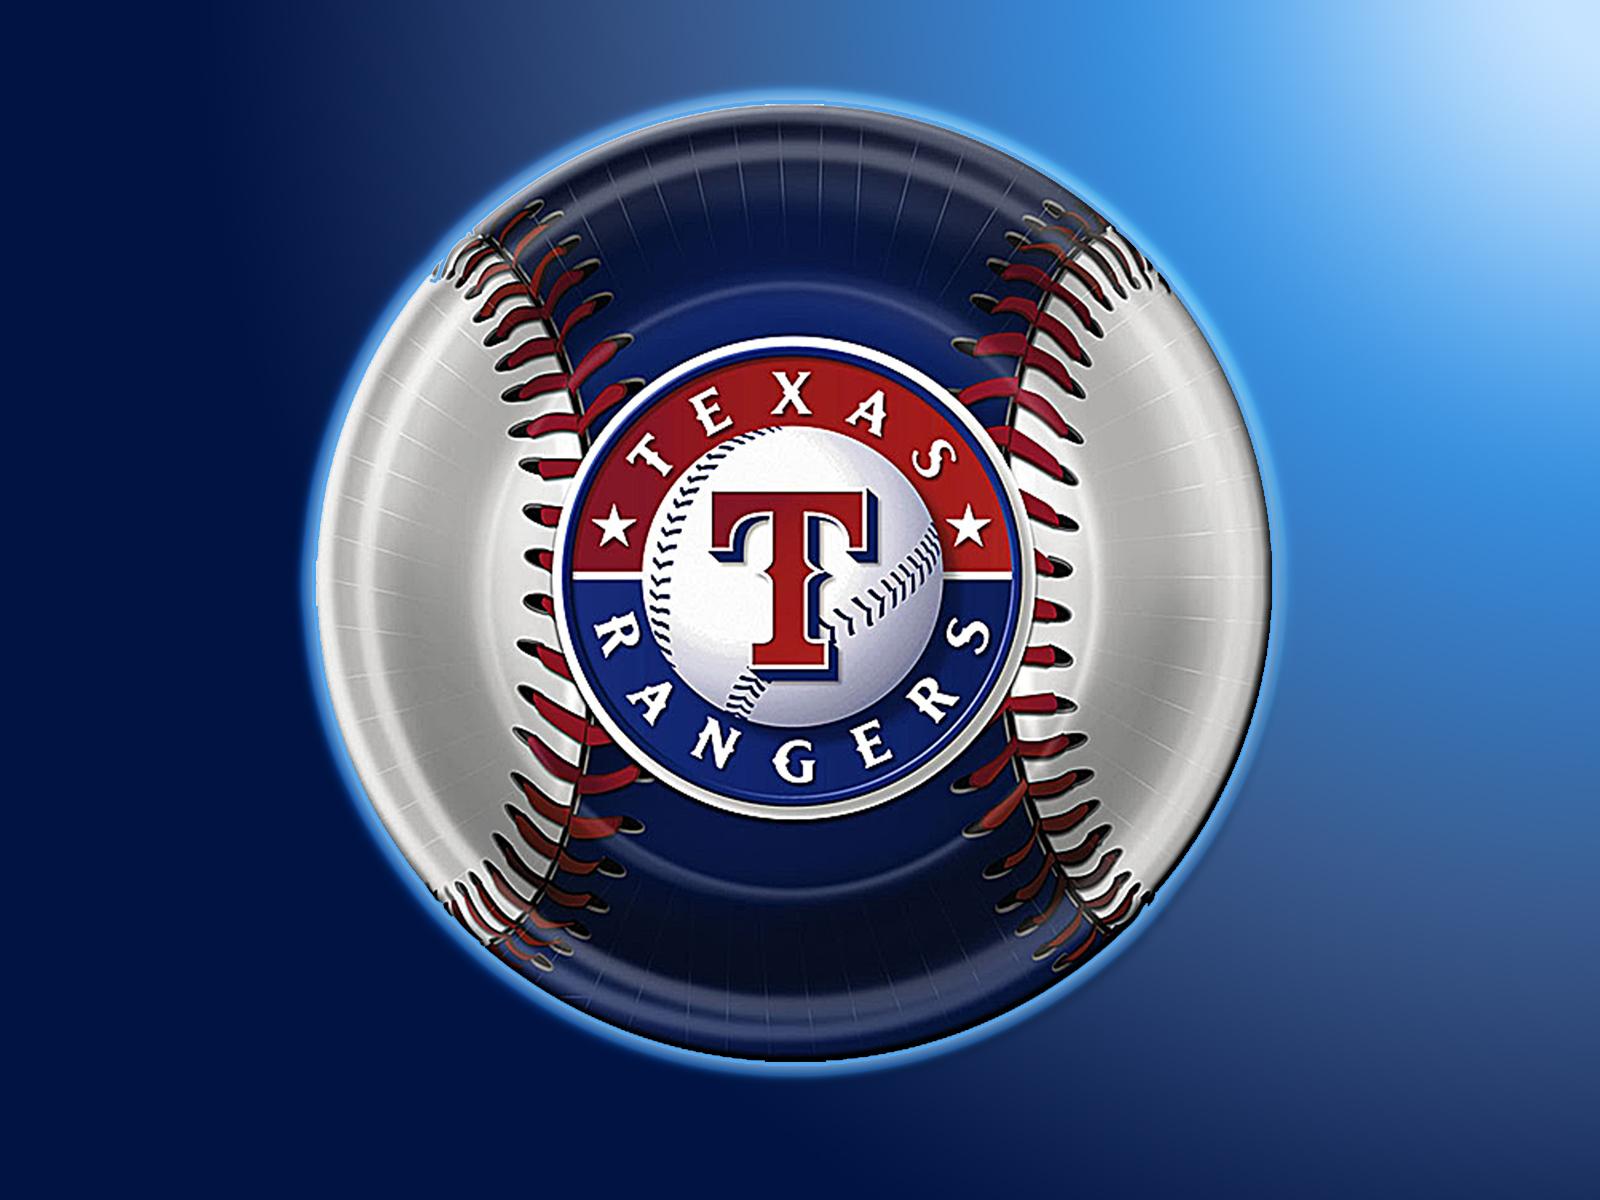 size 1600x1200 desktop wallpaper of texas rangers baseball 1600x1200